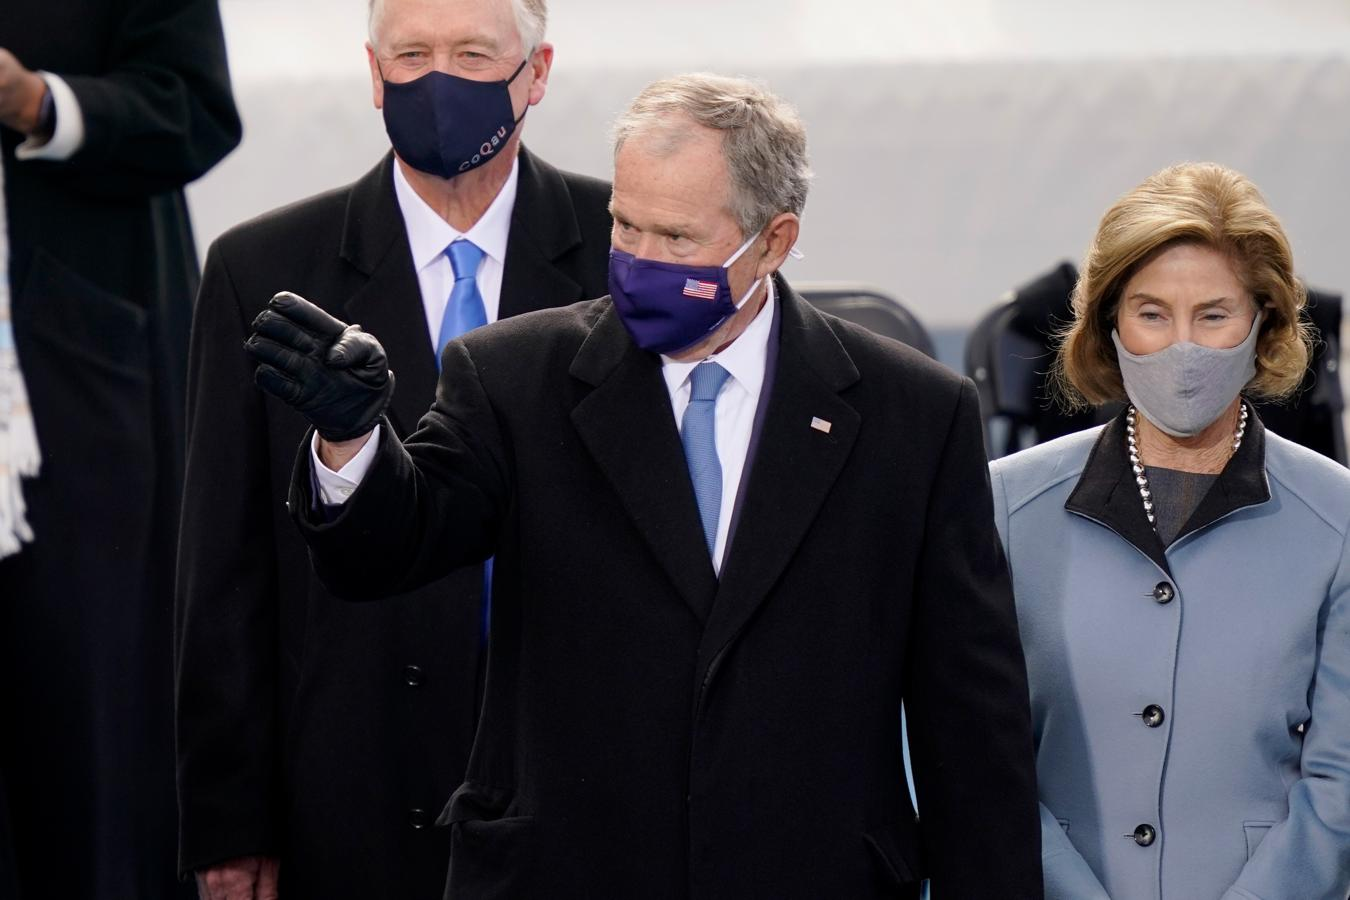 El matrimonio Bush, durante su llegada a la investidura